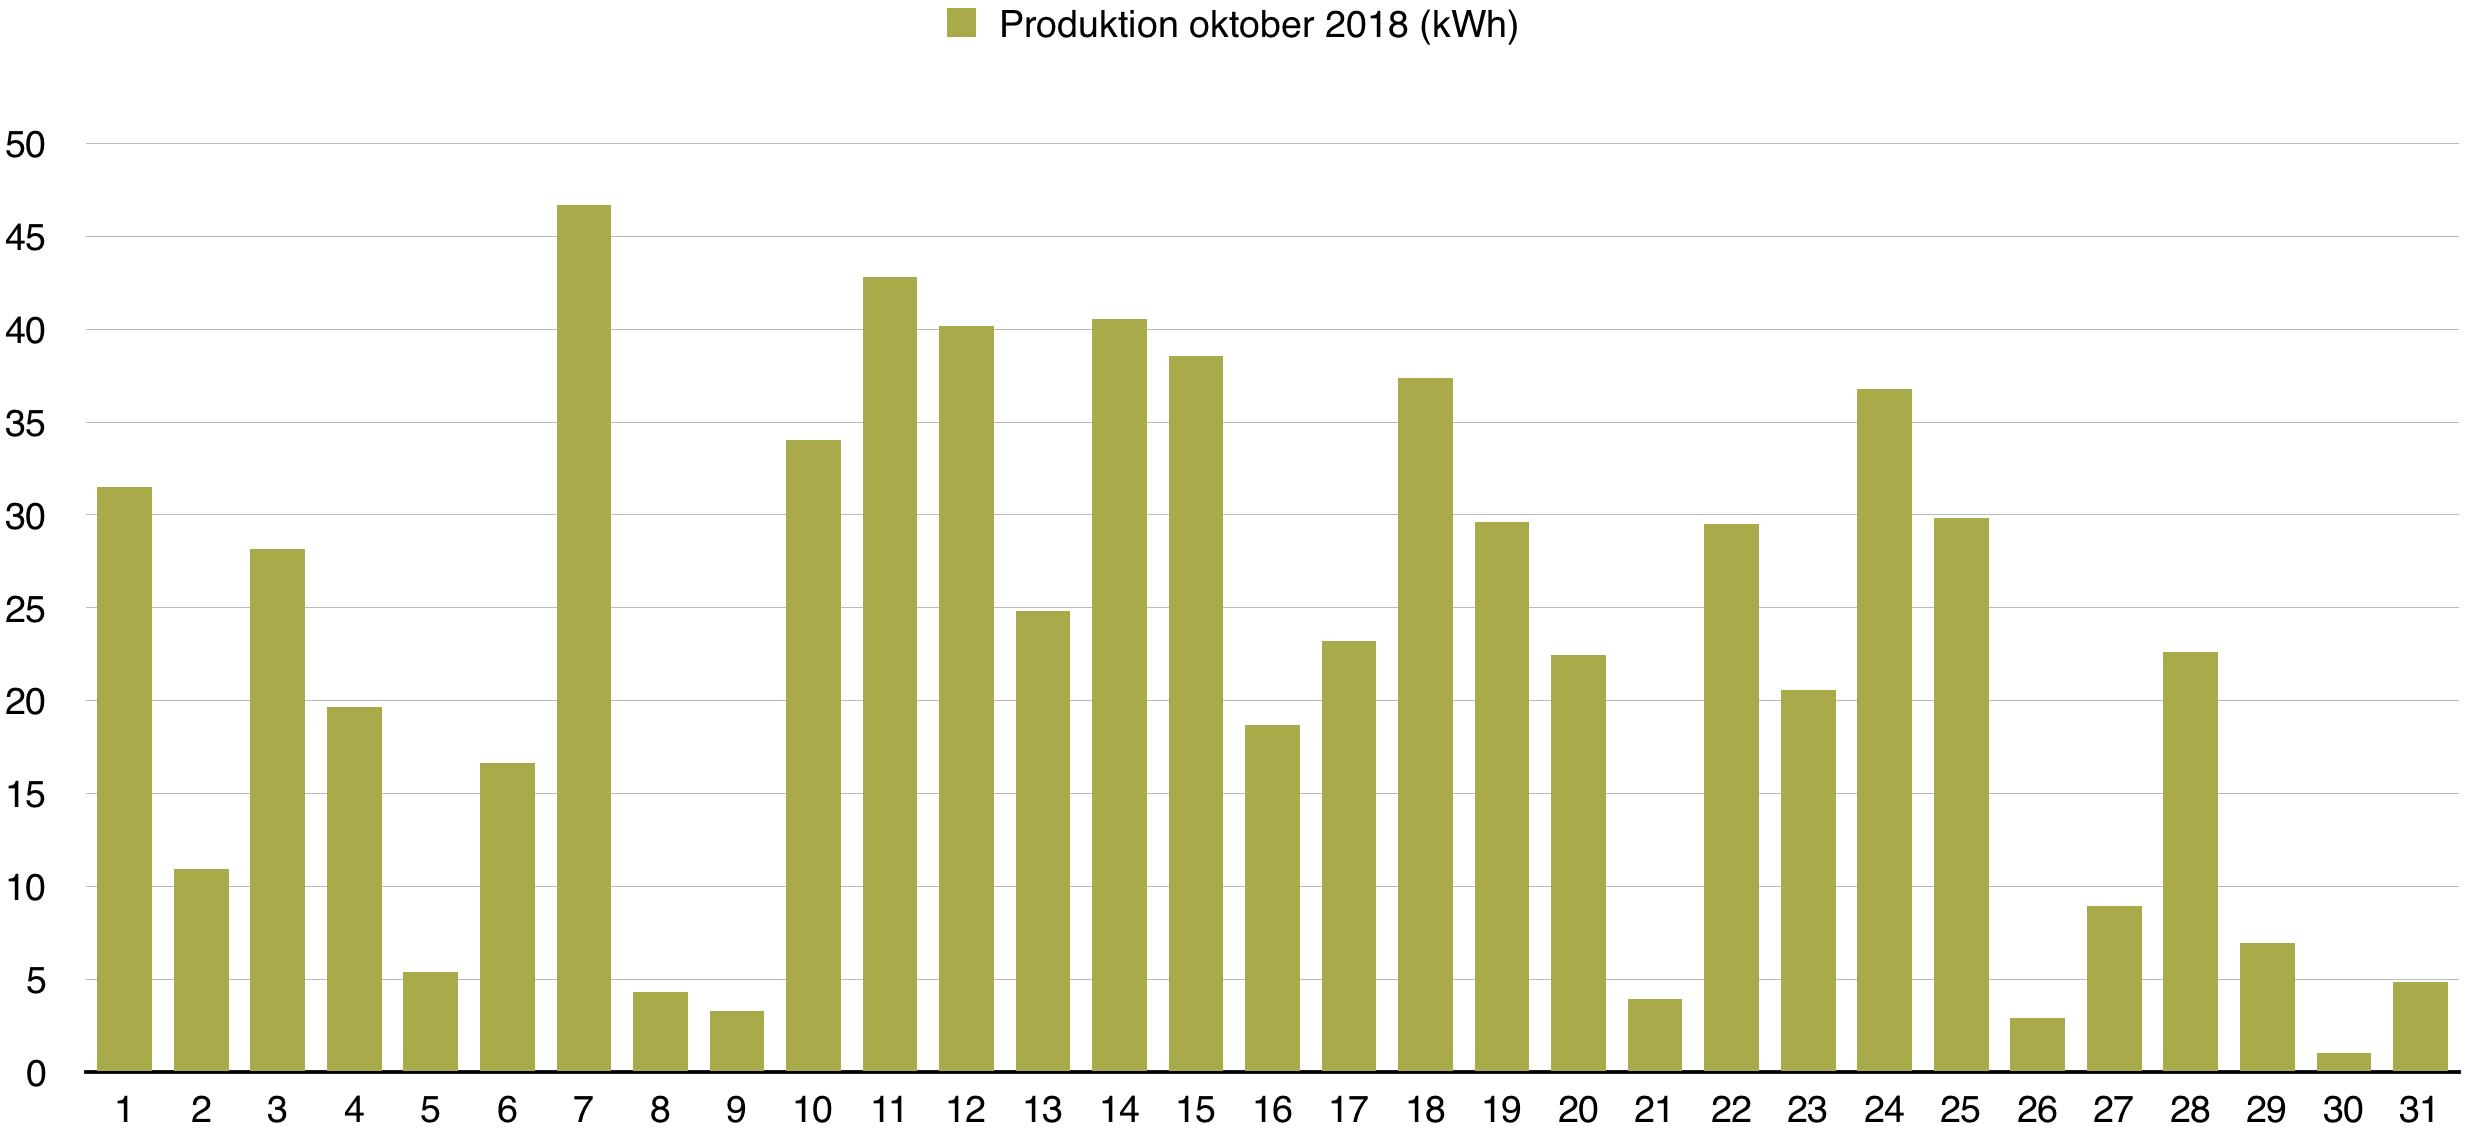 Solceller - Dagsproduktion för oktober 2018